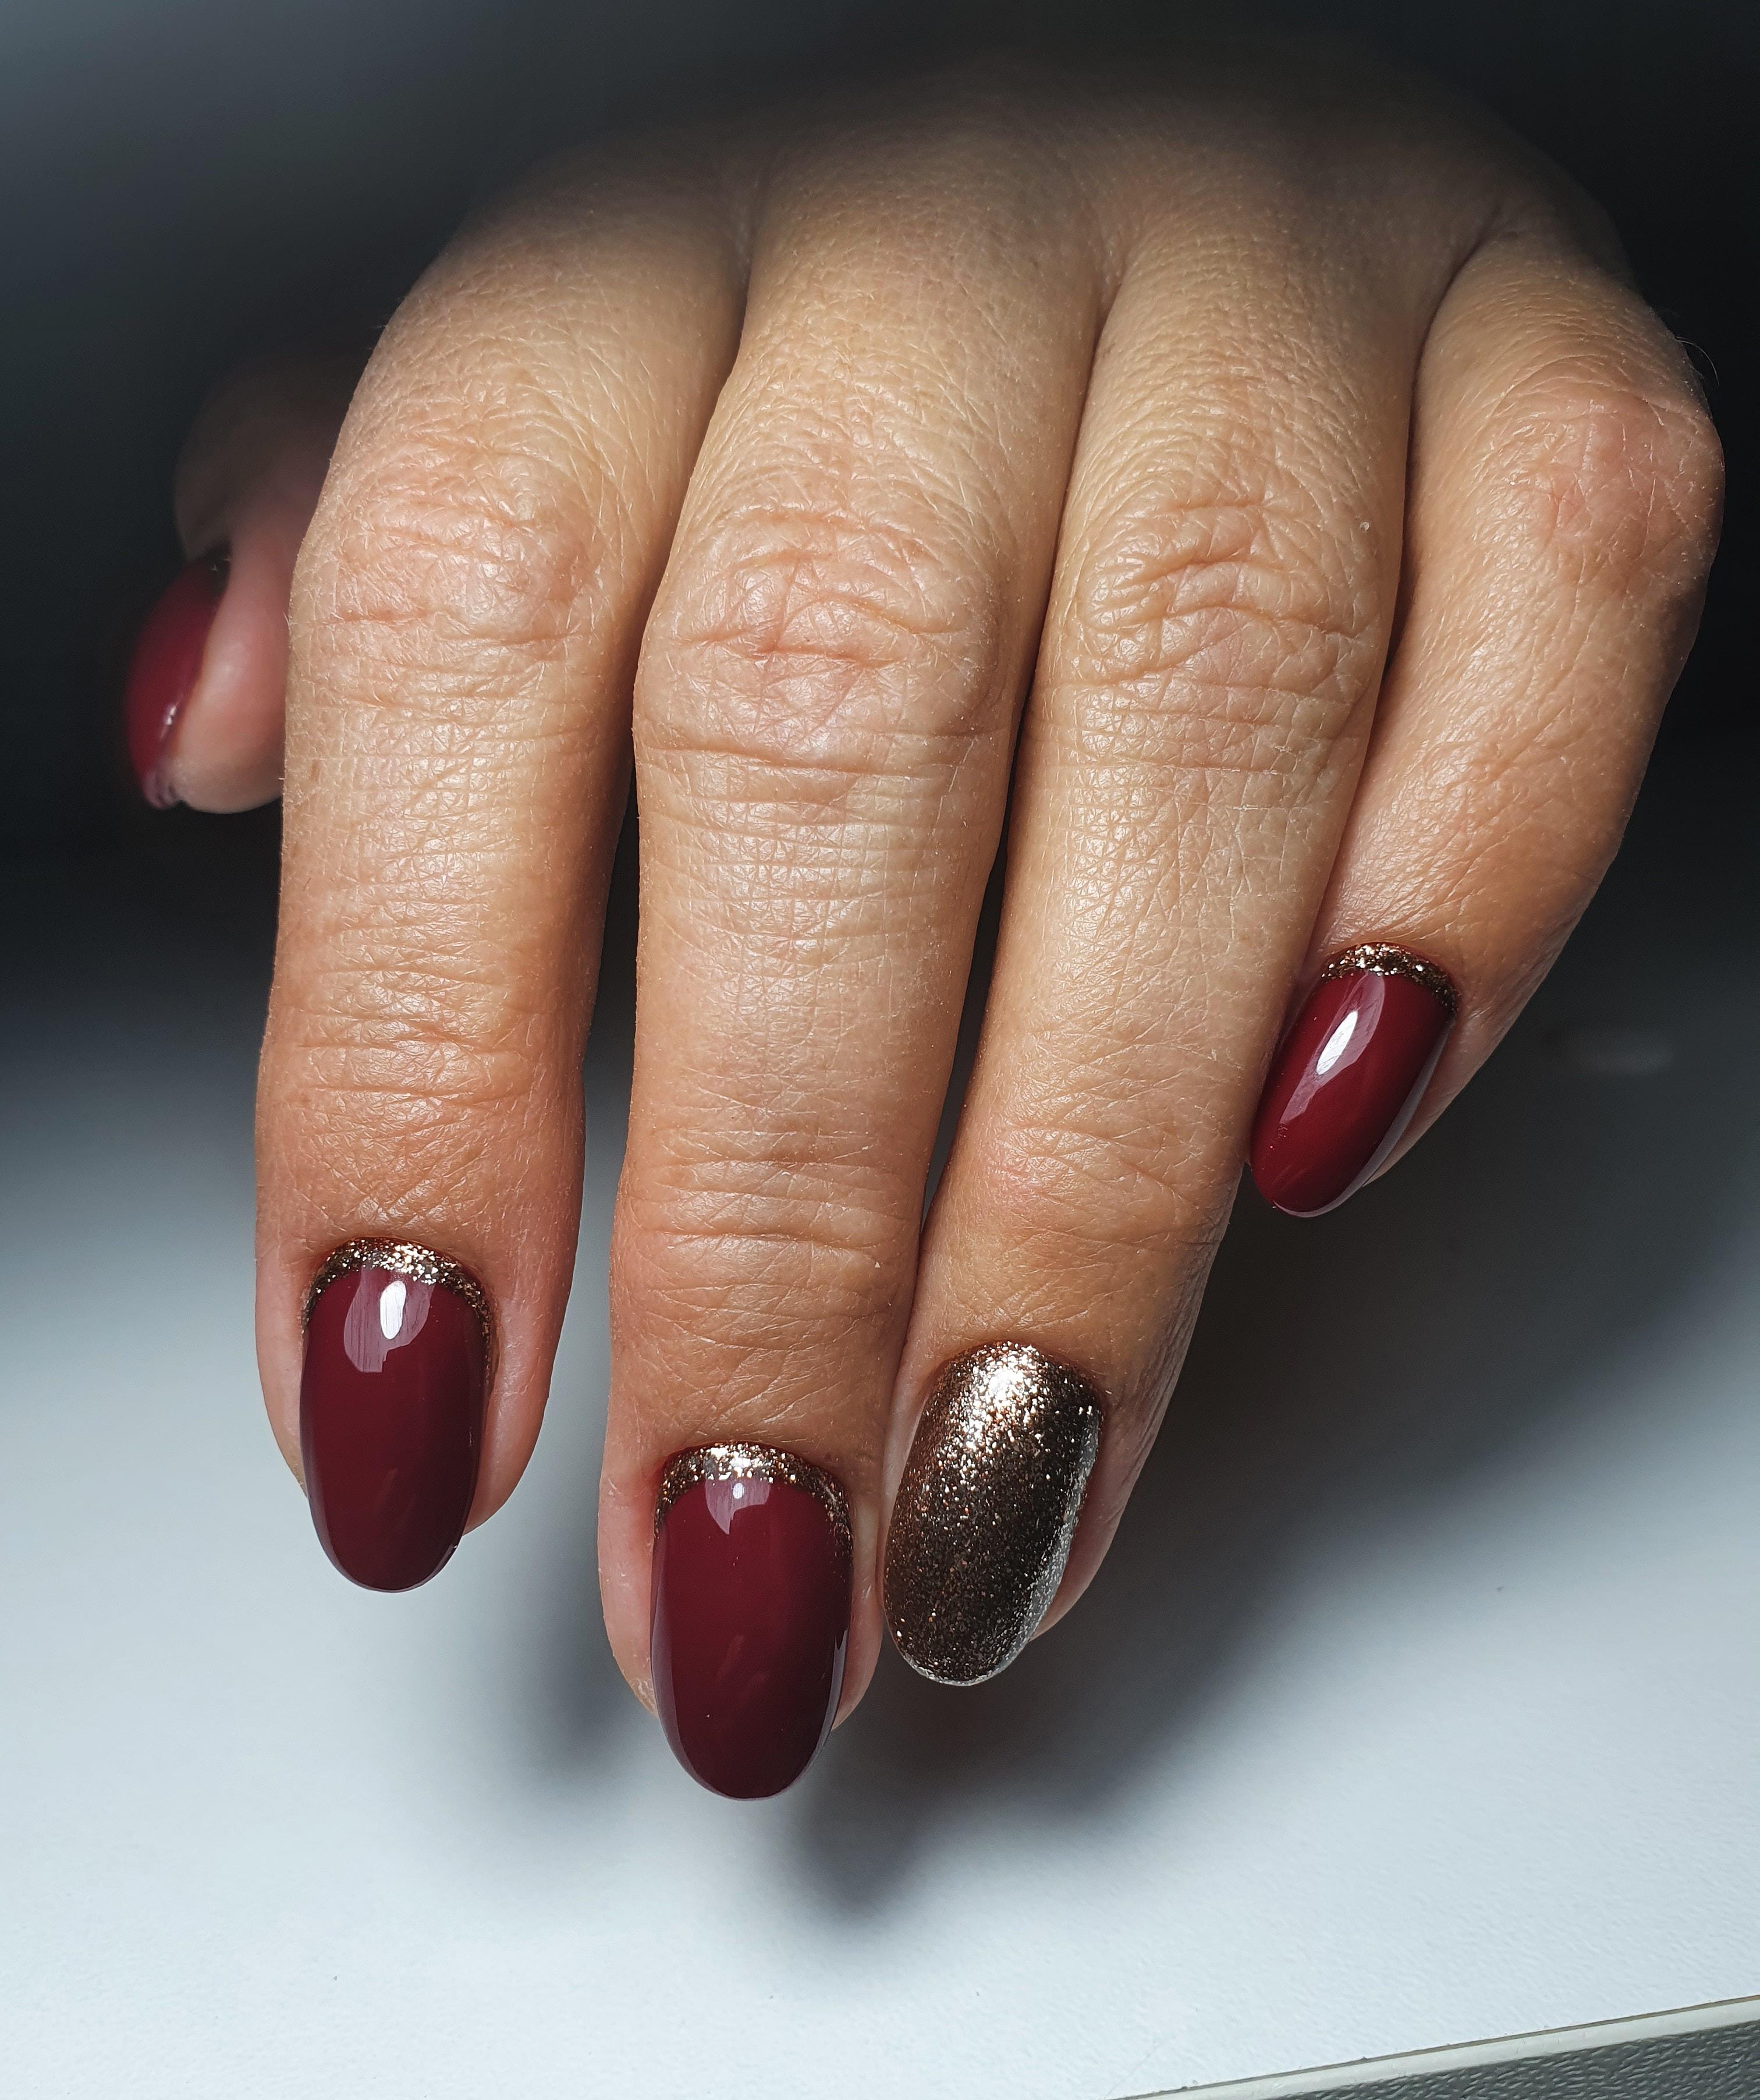 Лунный маникюр с золотыми блестками в темно-красном цвете на короткие ногти.